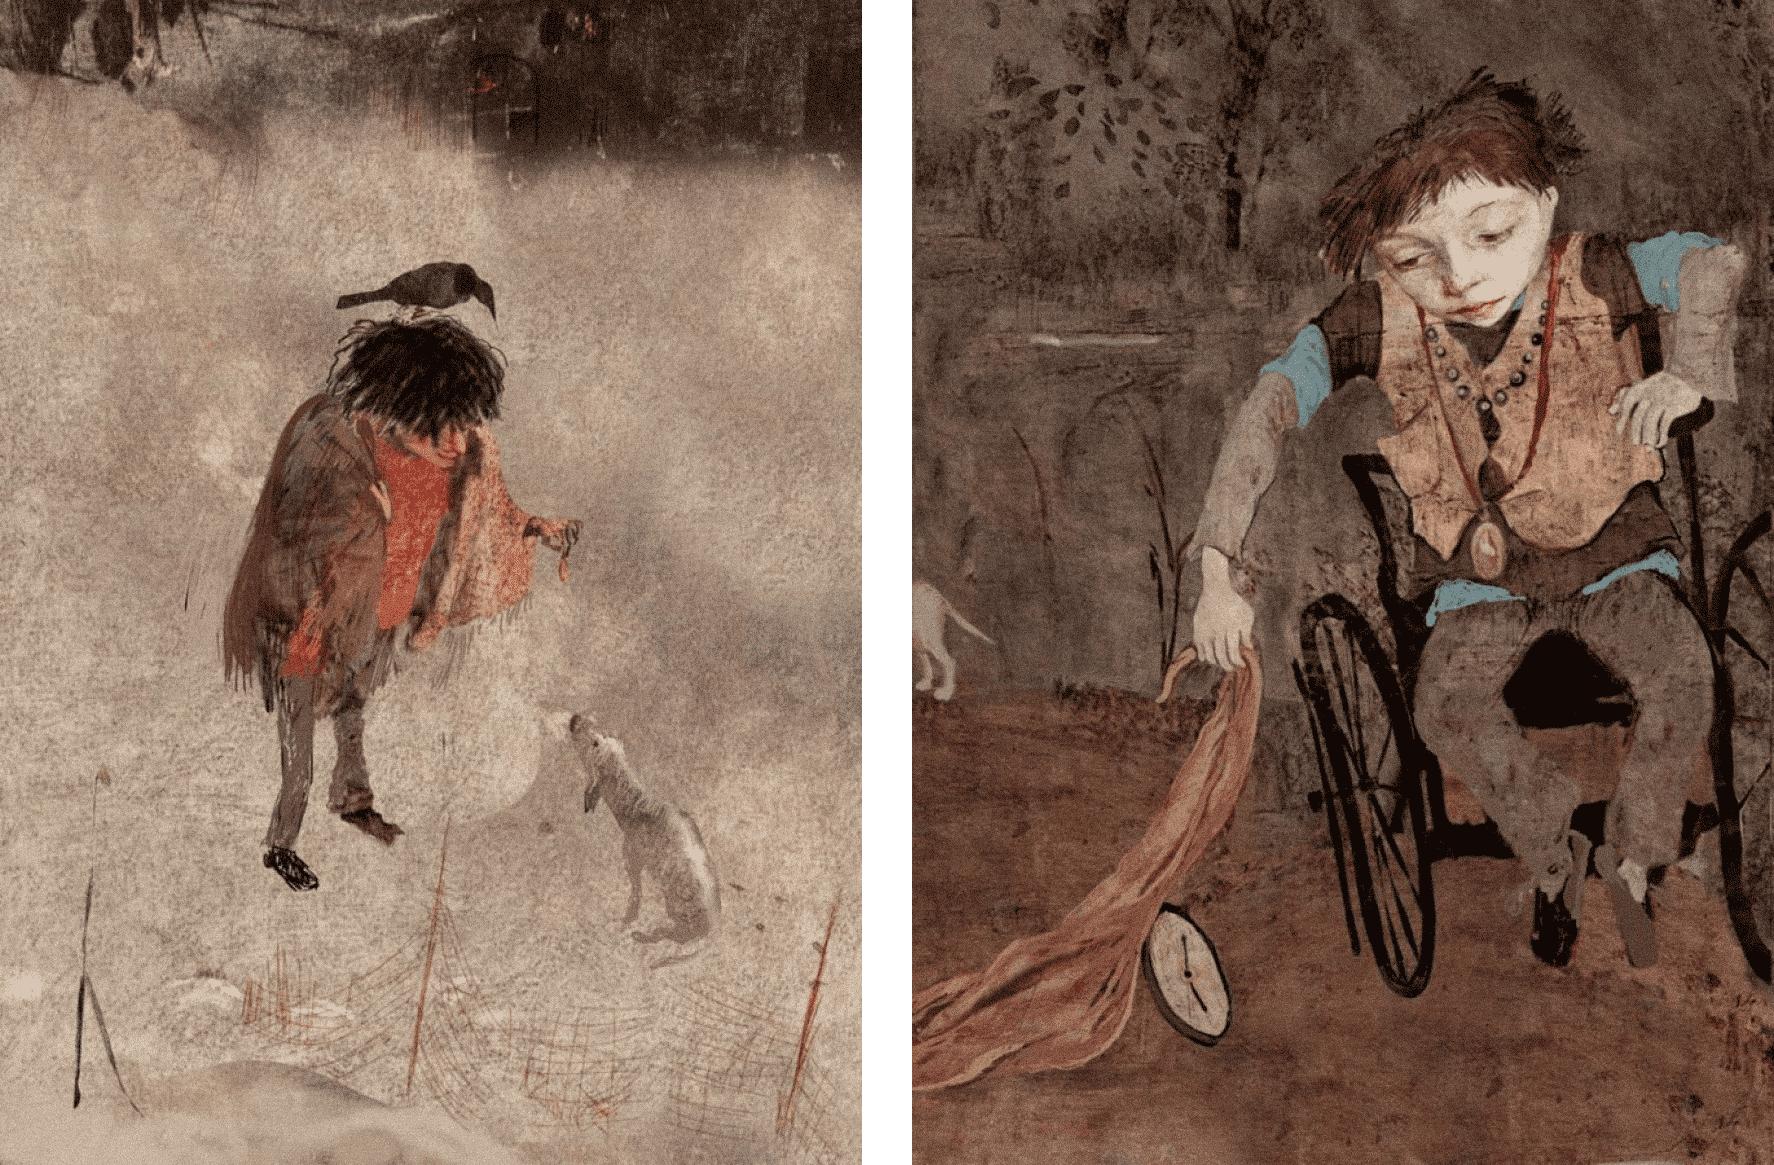 Иллюстрации Наиры Мурадян к книге Мариам Петросян «Дом, в котором…». Источник: narara.livejournal.com